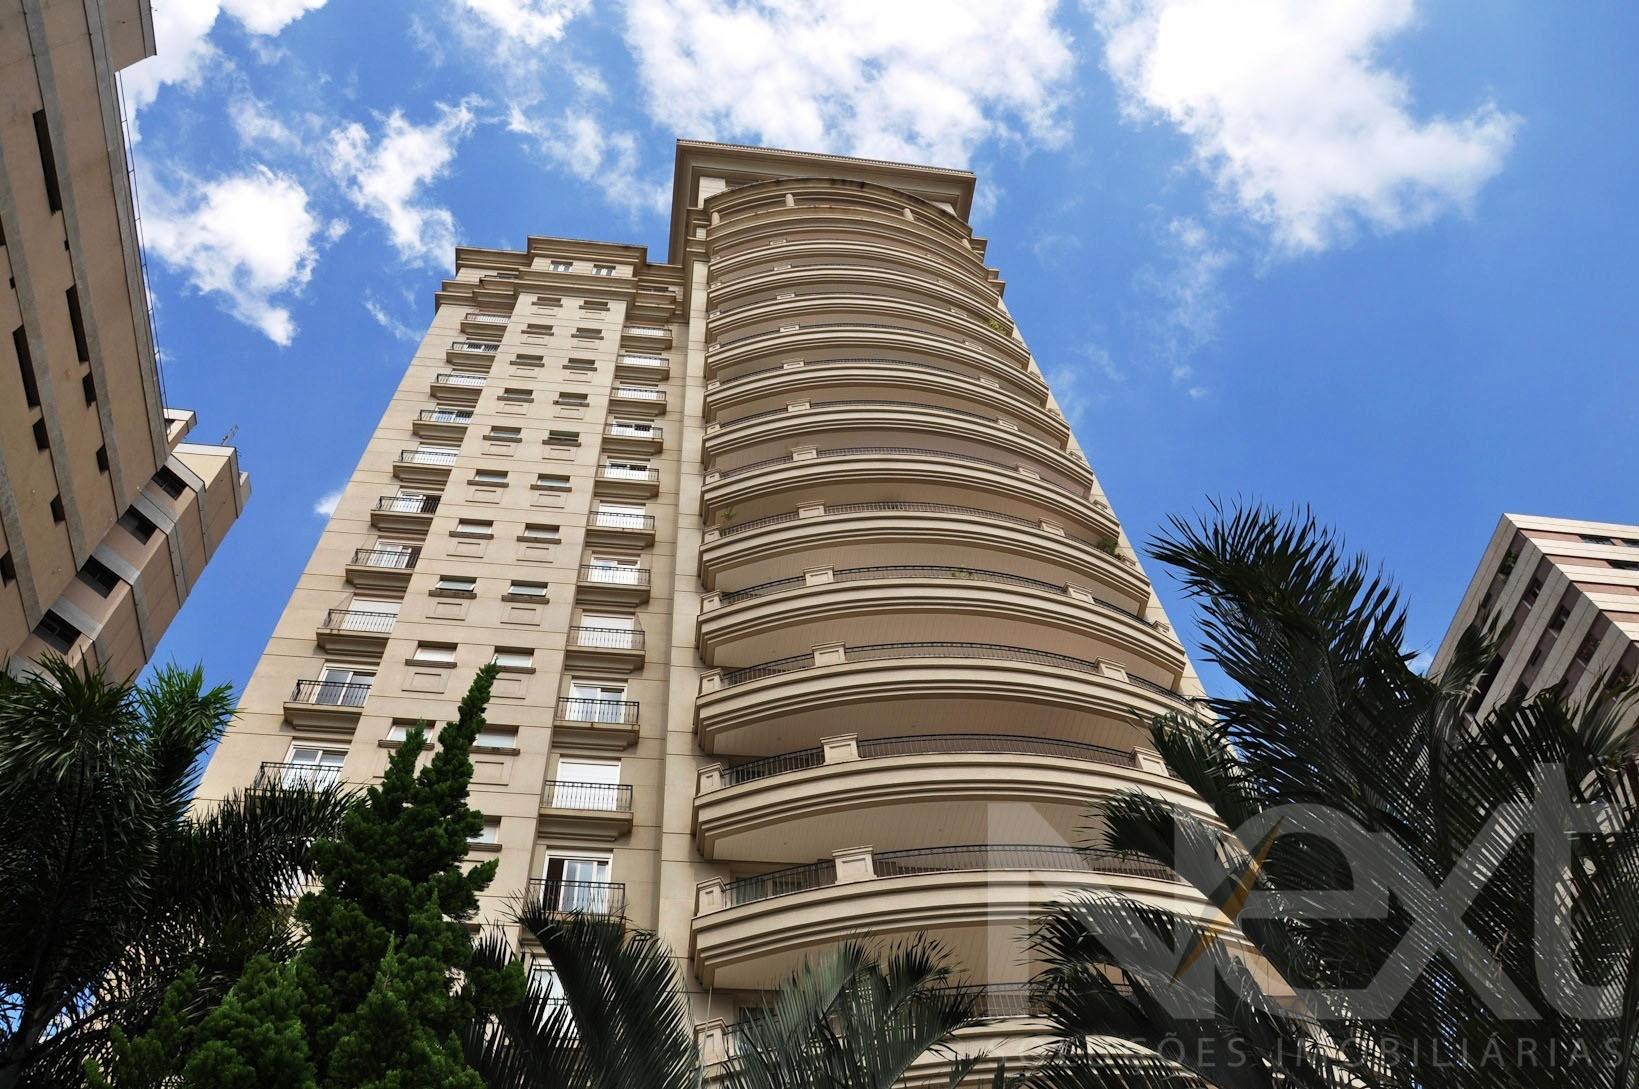 Apartamento de 5 dormitórios em Cambui, Campinas - SP